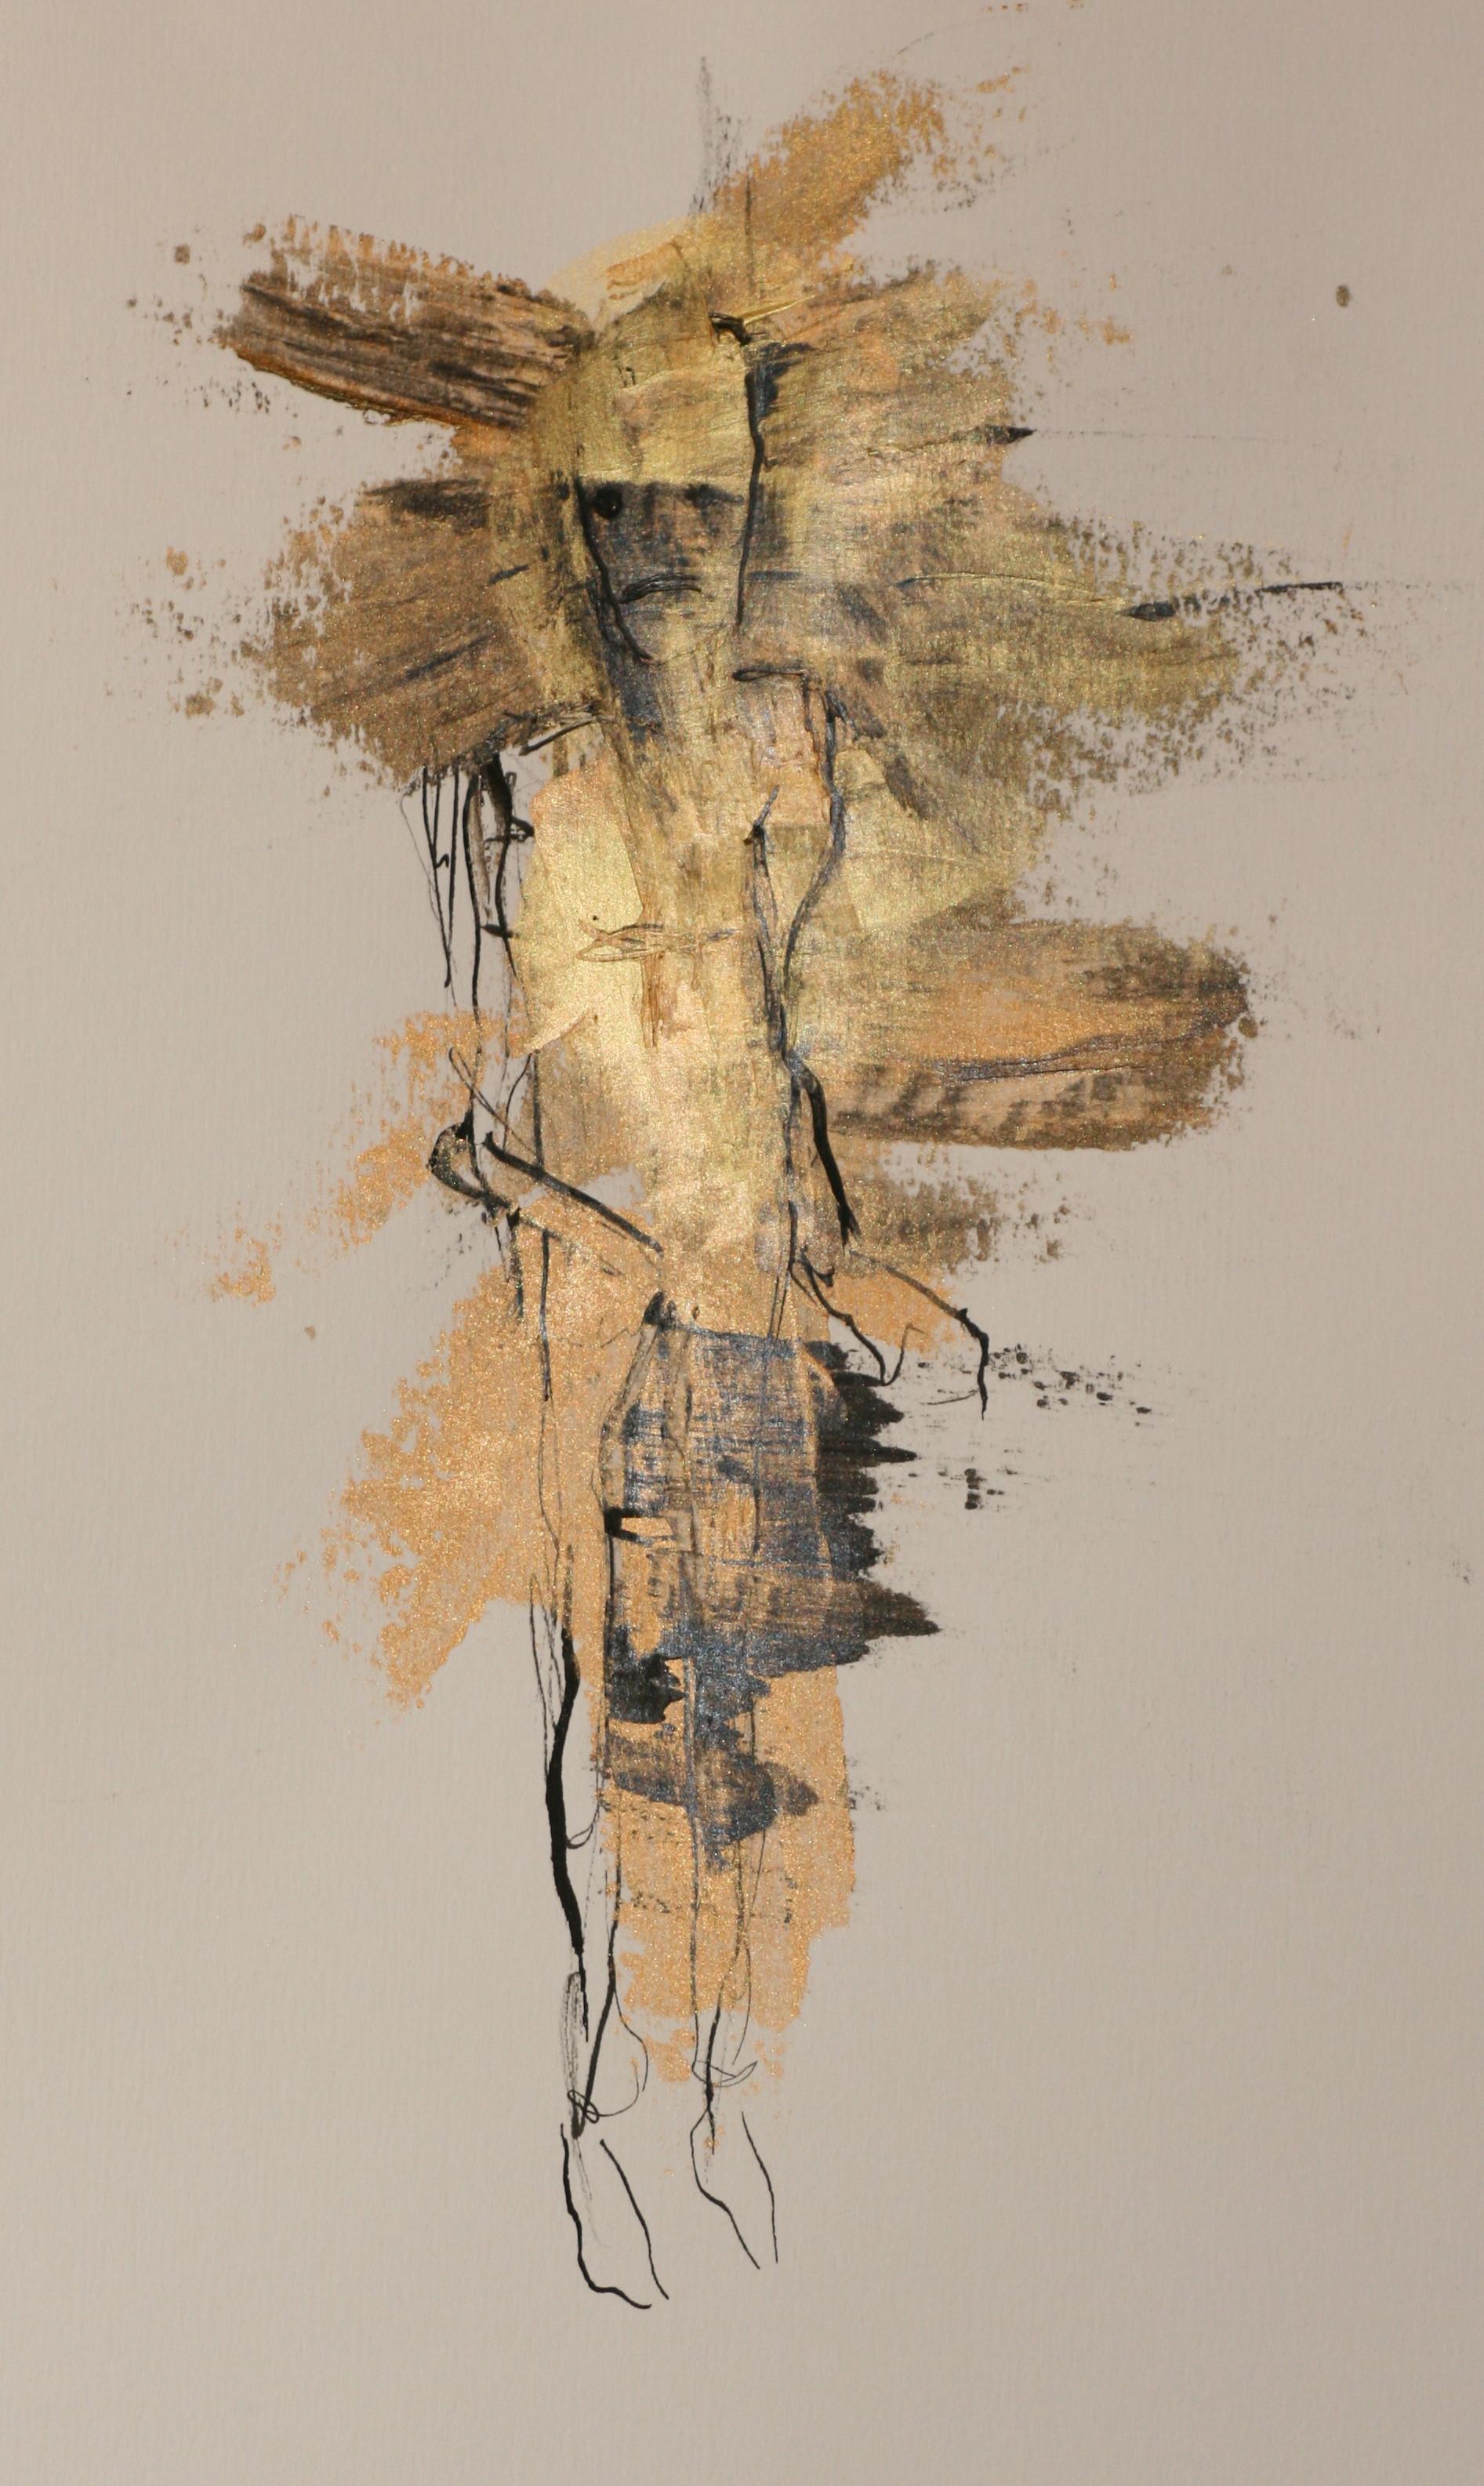 No. 7. Ivan de Monbrison. The Eckleburg Gallery.